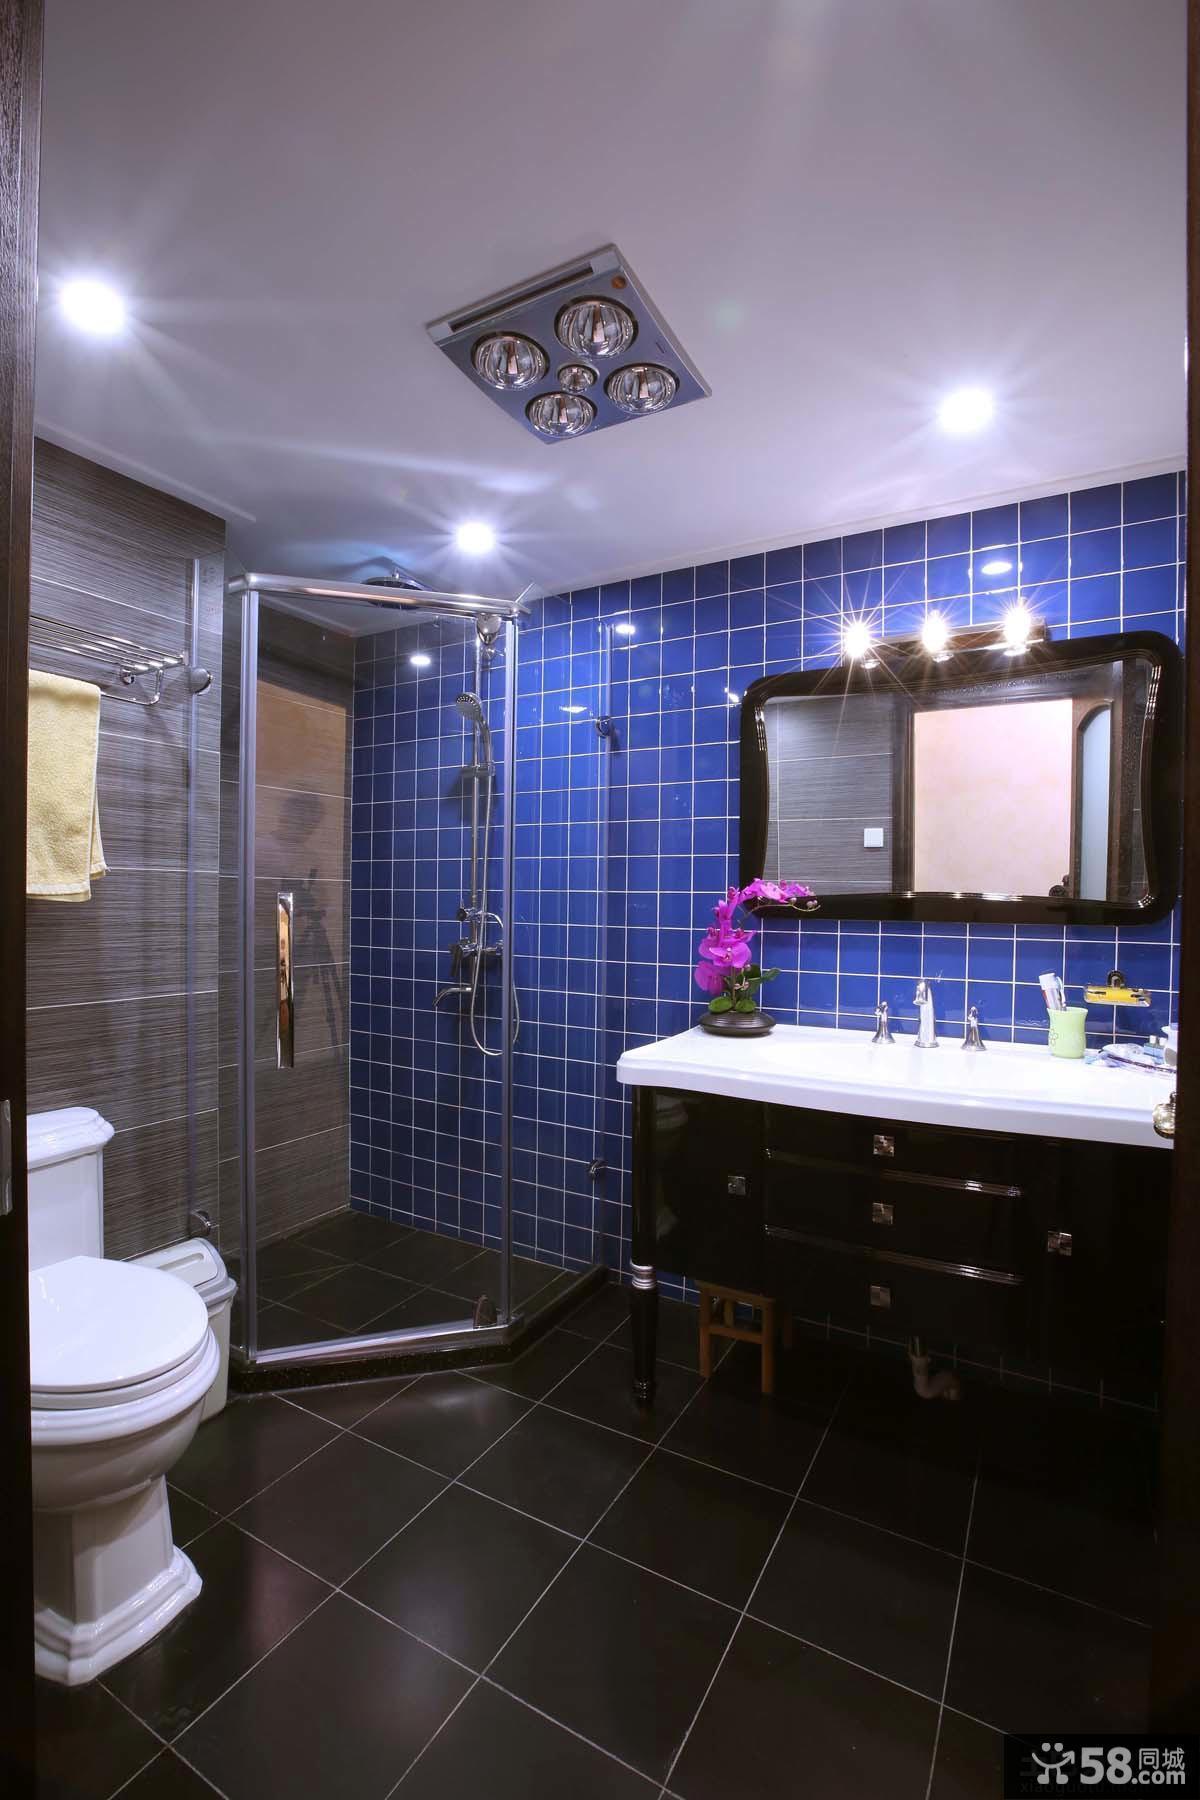 家庭卫生间淋浴室隔断设计图片